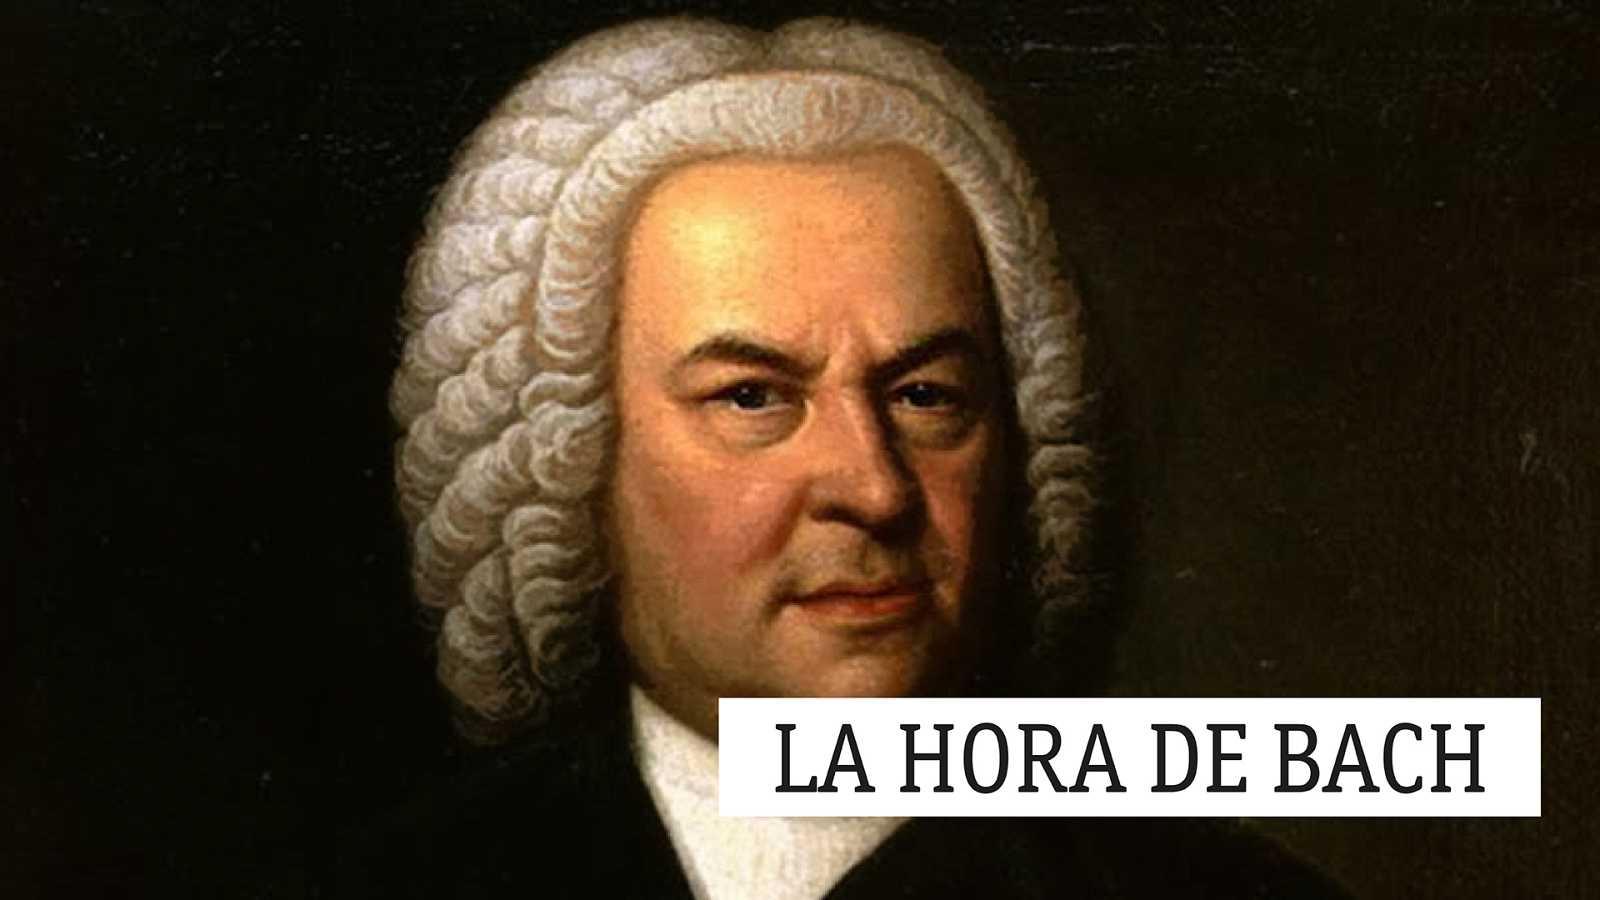 La hora de Bach - 06/06/20 - escuchar ahora